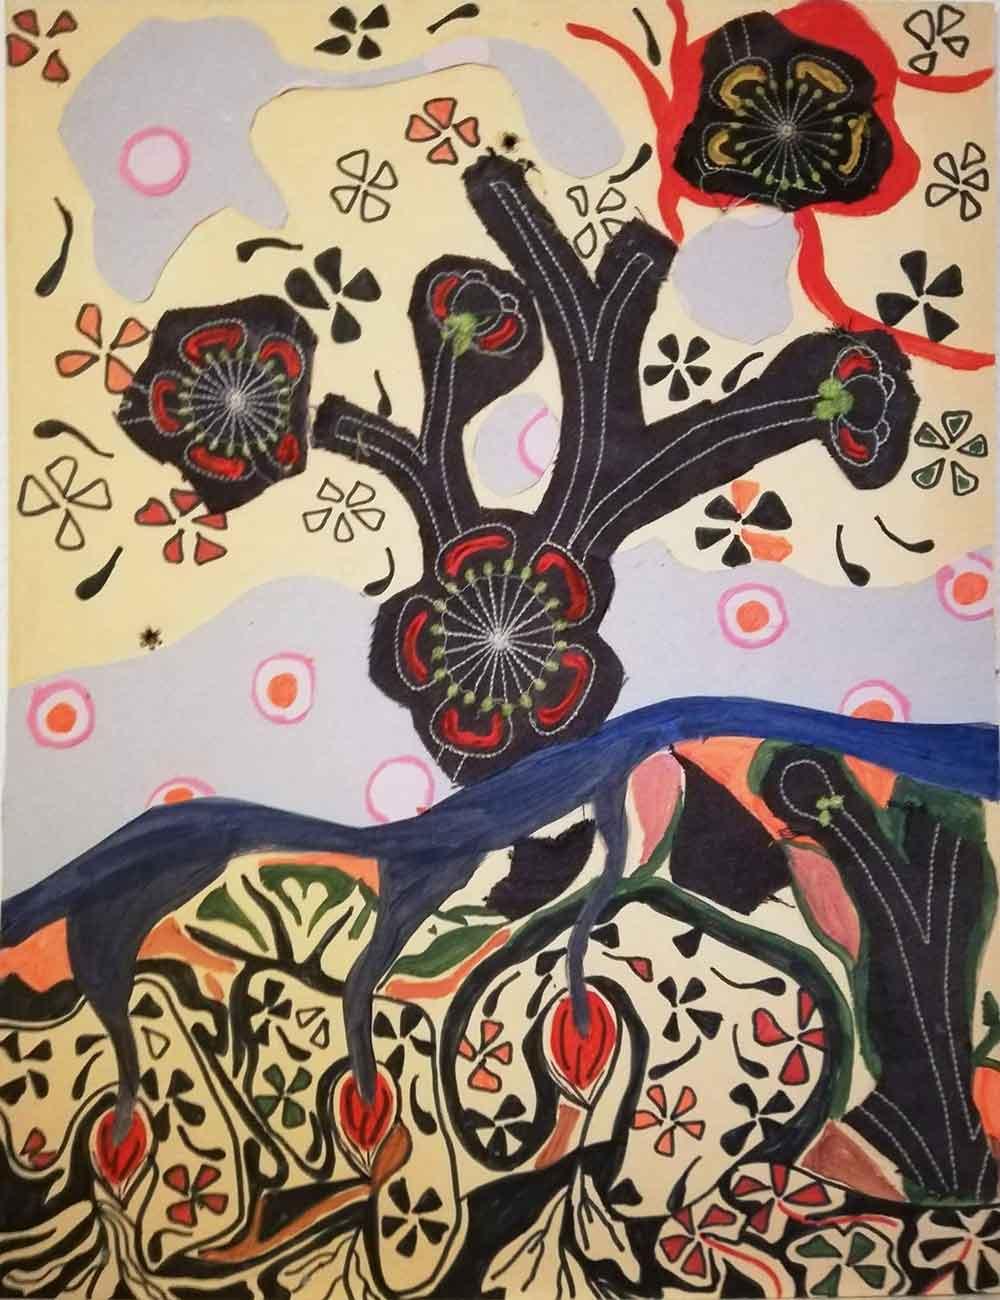 Sylvie Tinlot. Acrylique et collage sur tissu et papier. Egart